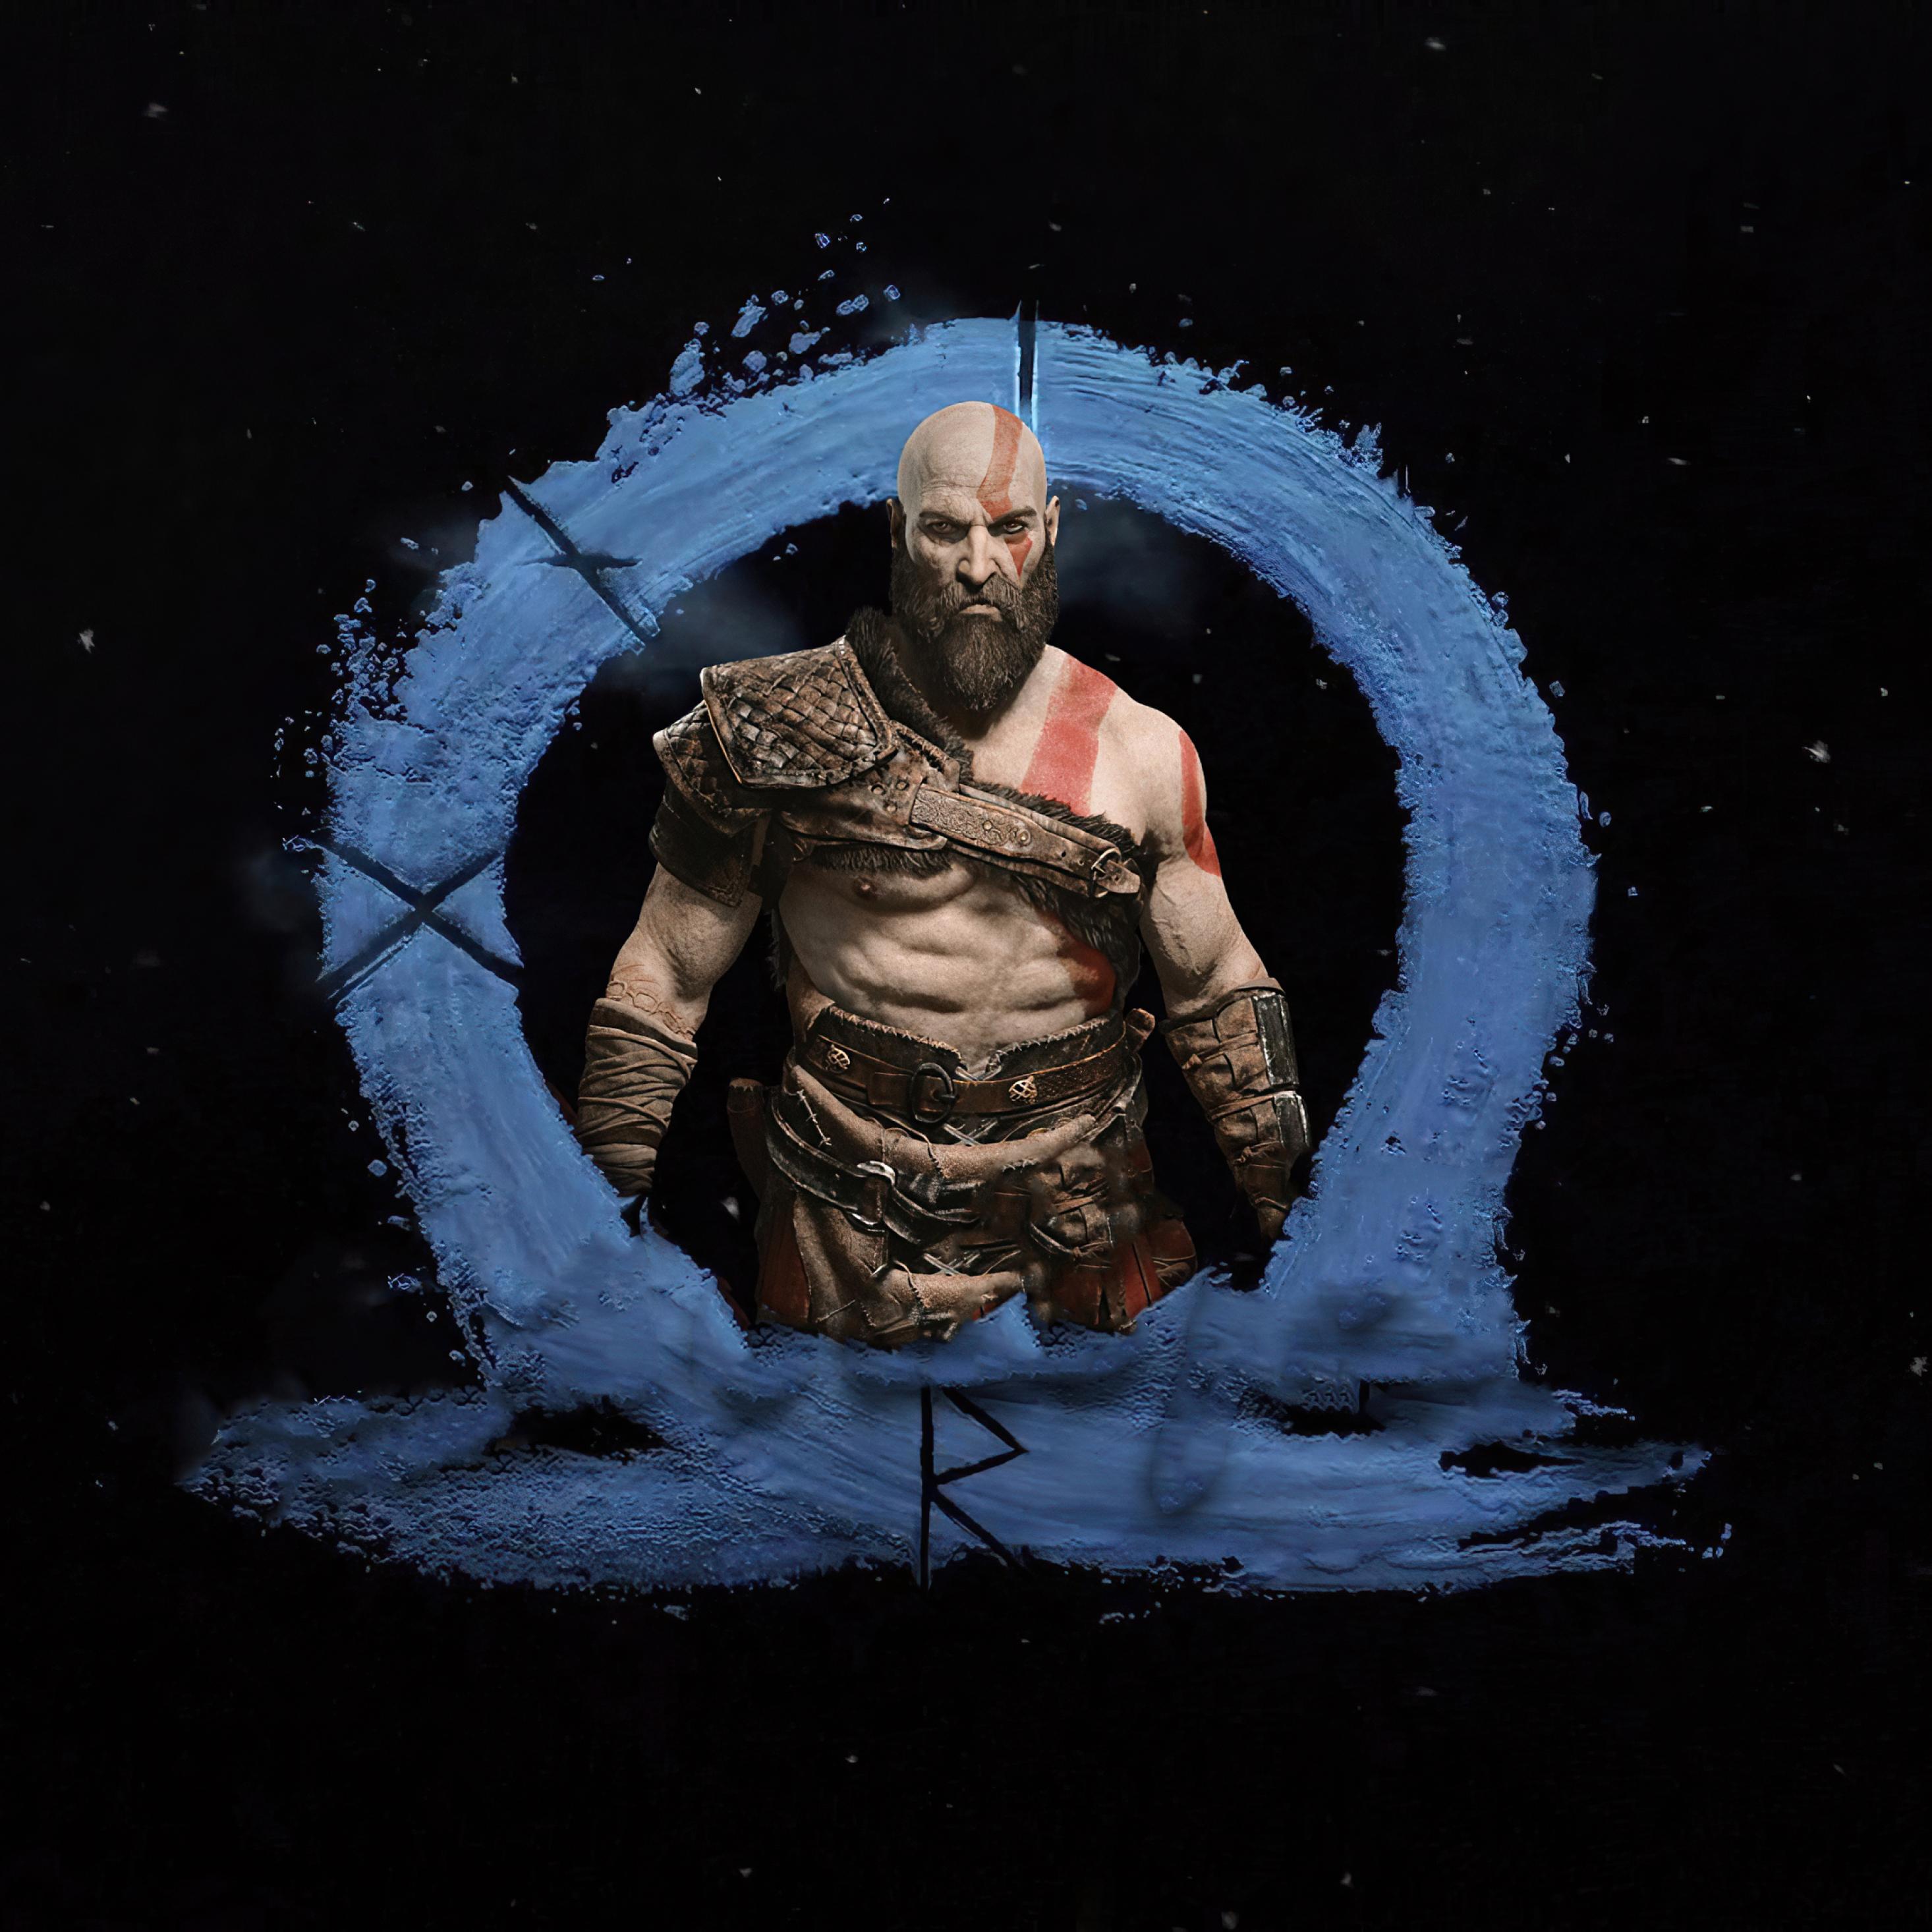 2932x2932 God Of War Ragnarok 4K 2021 Ipad Pro Retina ...